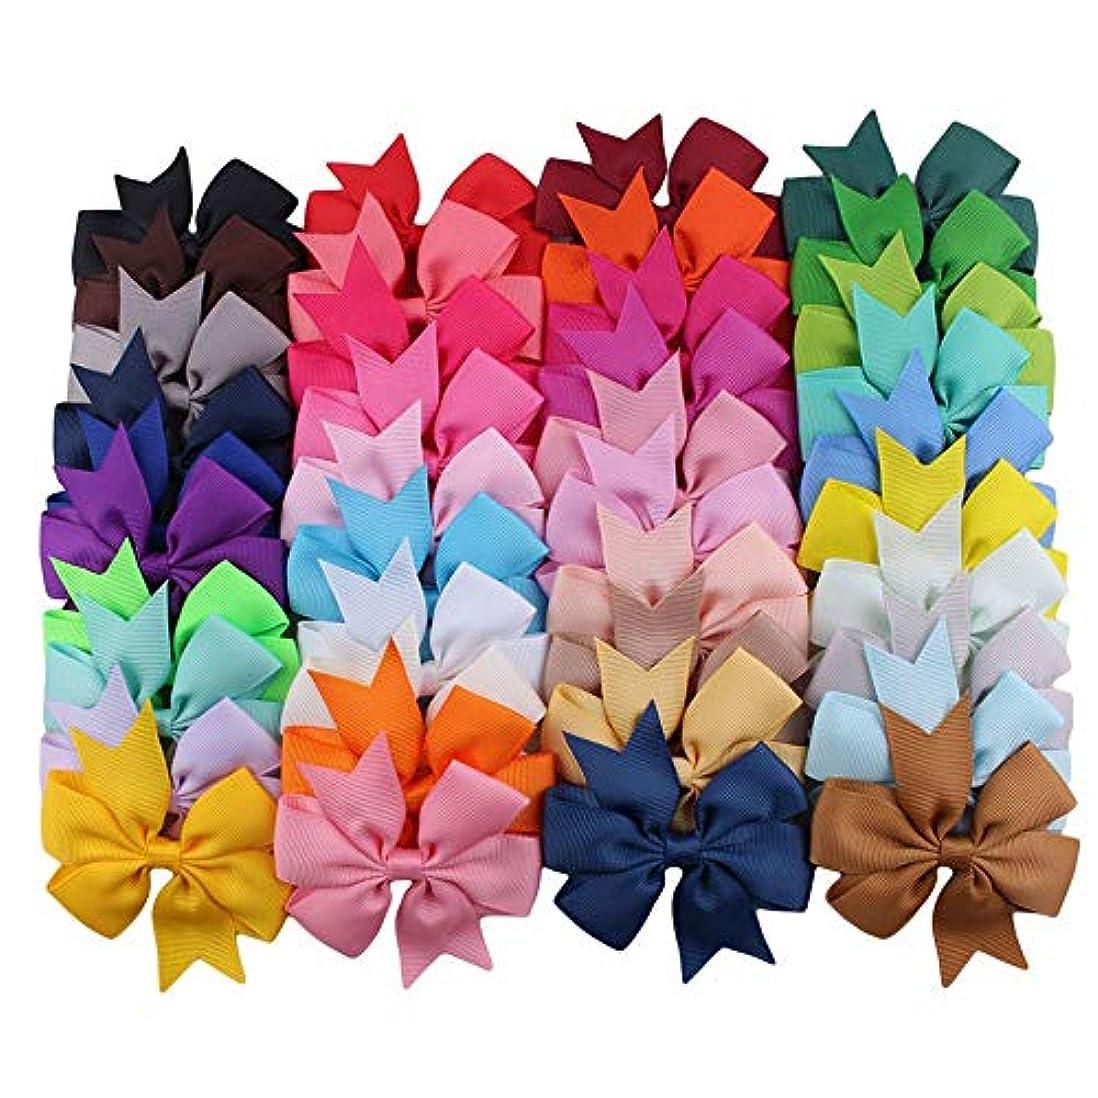 サワーとげのある戻る10本の子供のヘアクリップはリボンのフィッシュテールの弓の結び目の色の混合 - 多色